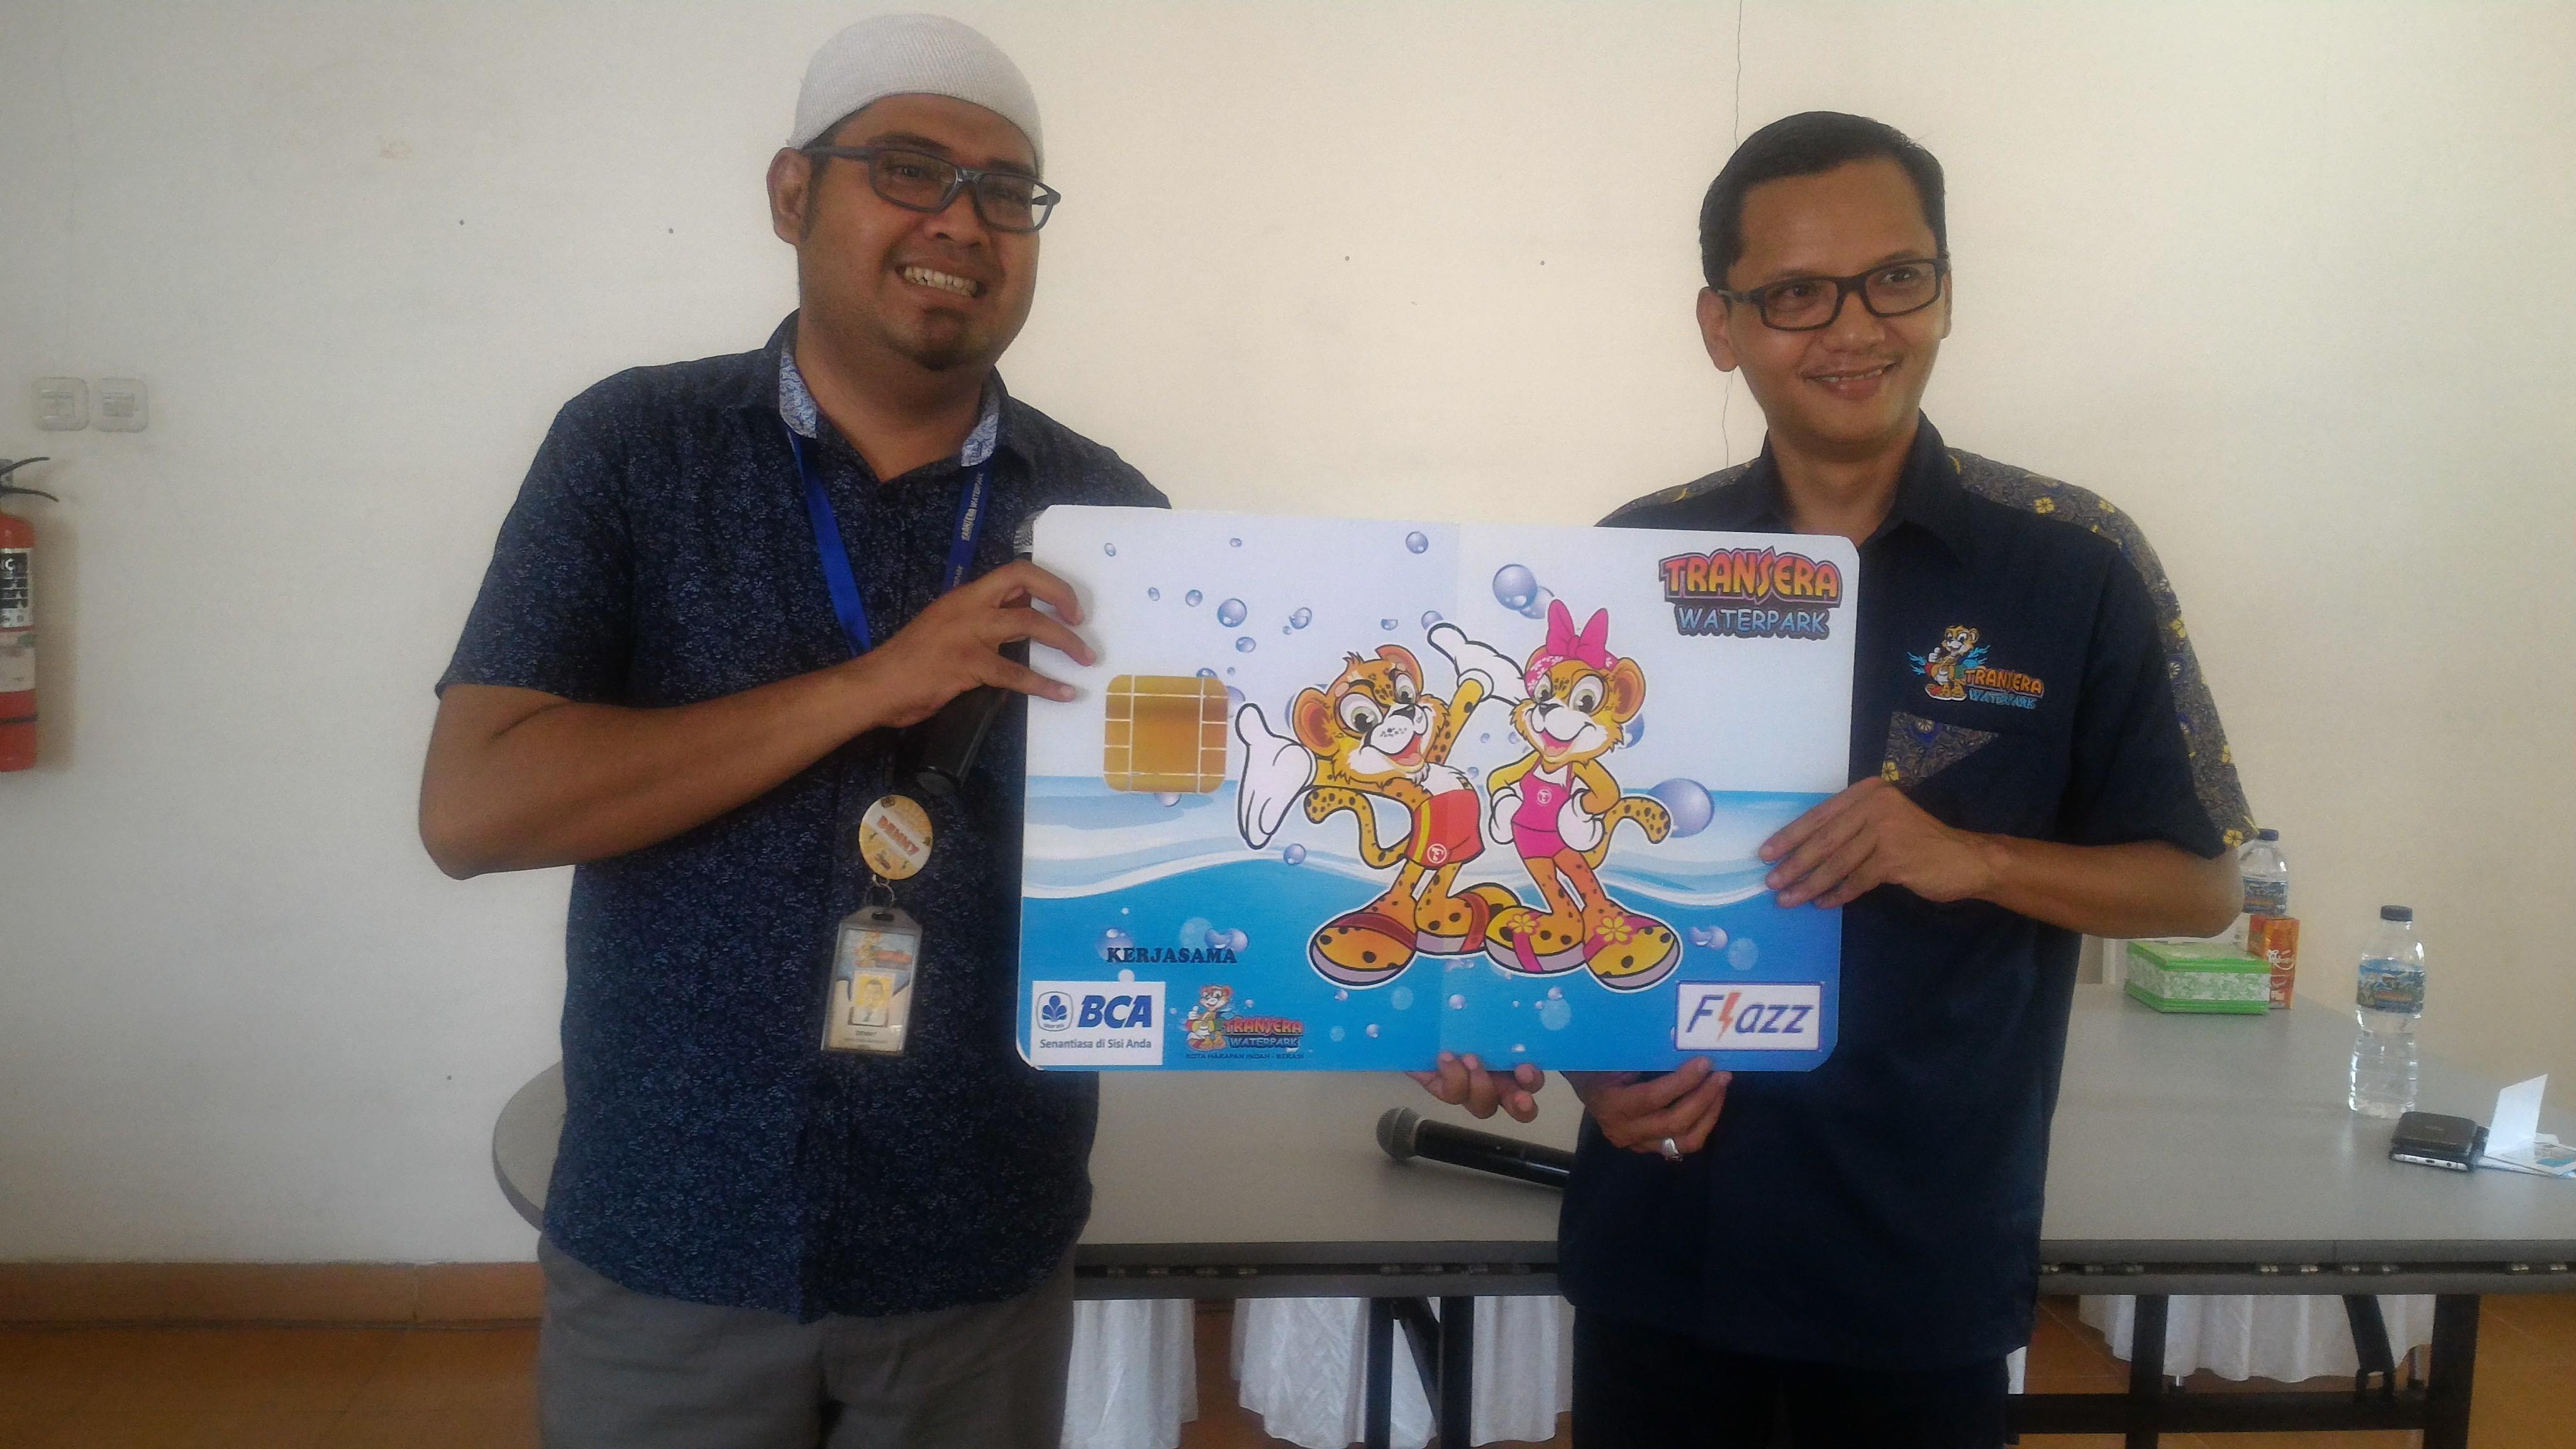 Transera Waterpark Luncurkan Kartu Flazz Limited Edition Info Bekasi Card Bca 10 Design Baru Yang Diluncurkan